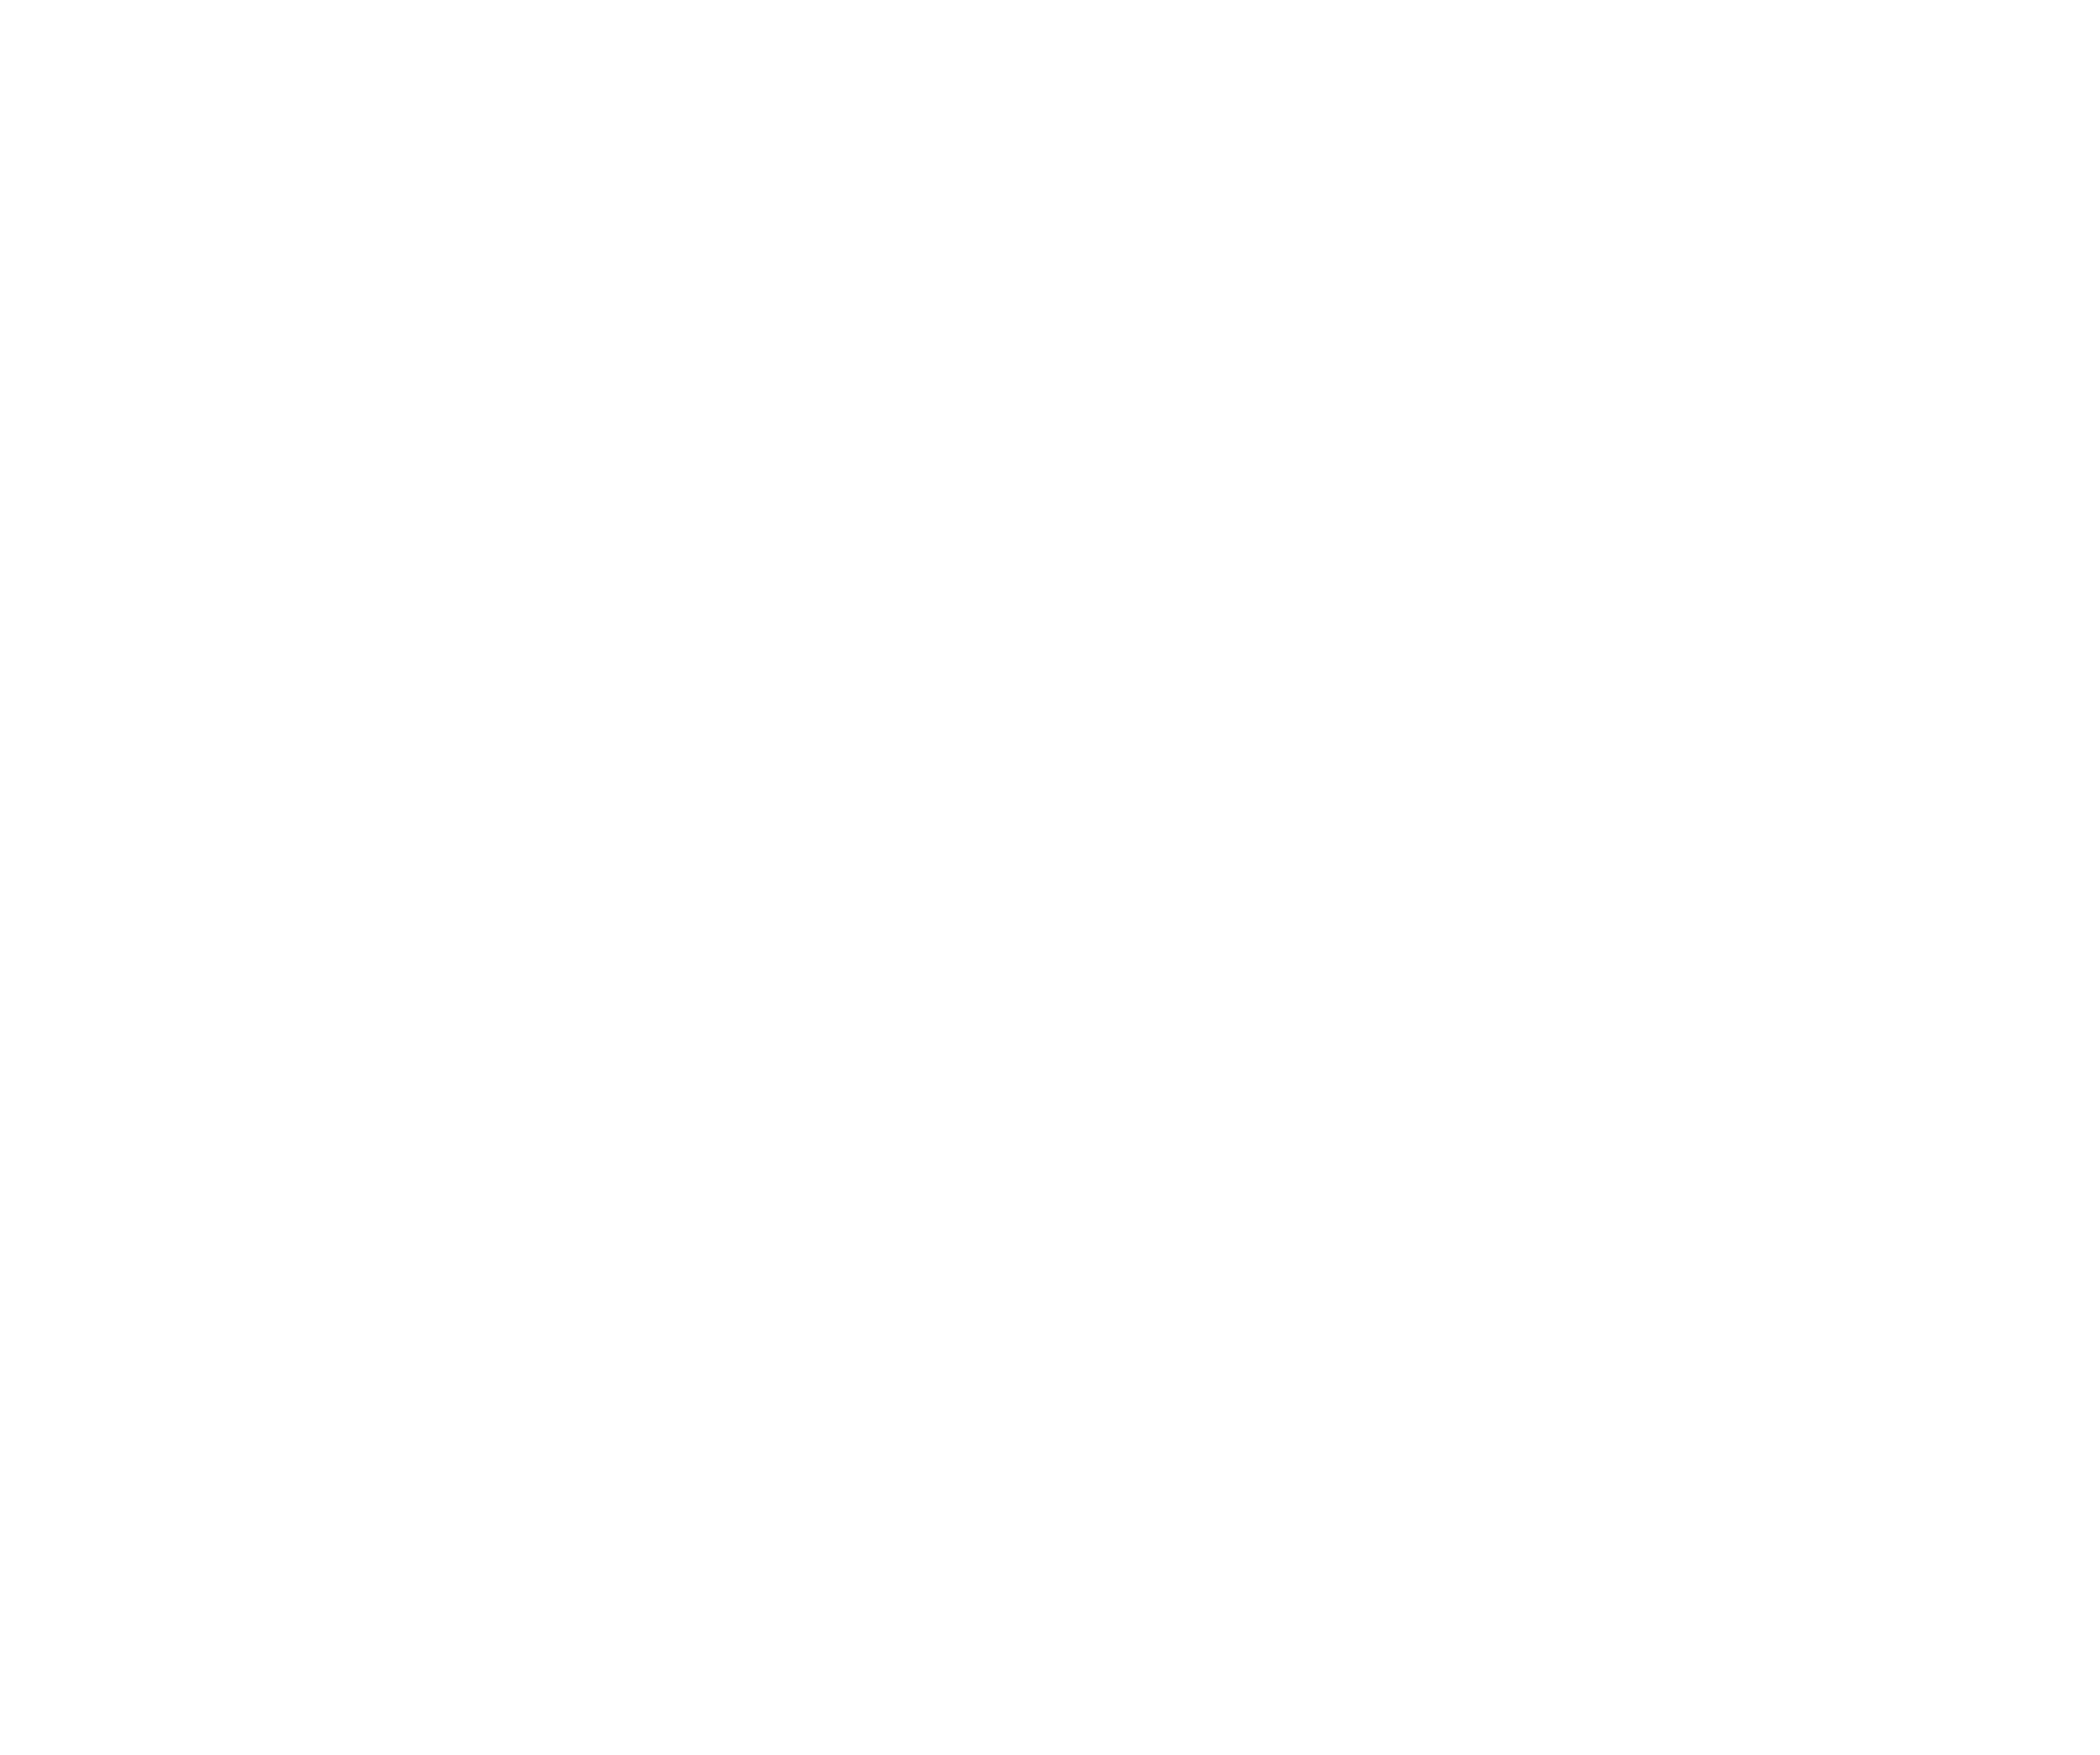 Střední značka - Od 7 900 KčStřední konkurenční prostředíMenší společenský dopadVýstup loga v křivkáchZákladní logomanuál použití logaanalýza trhuLicenční smlouva na neomezená práva užití